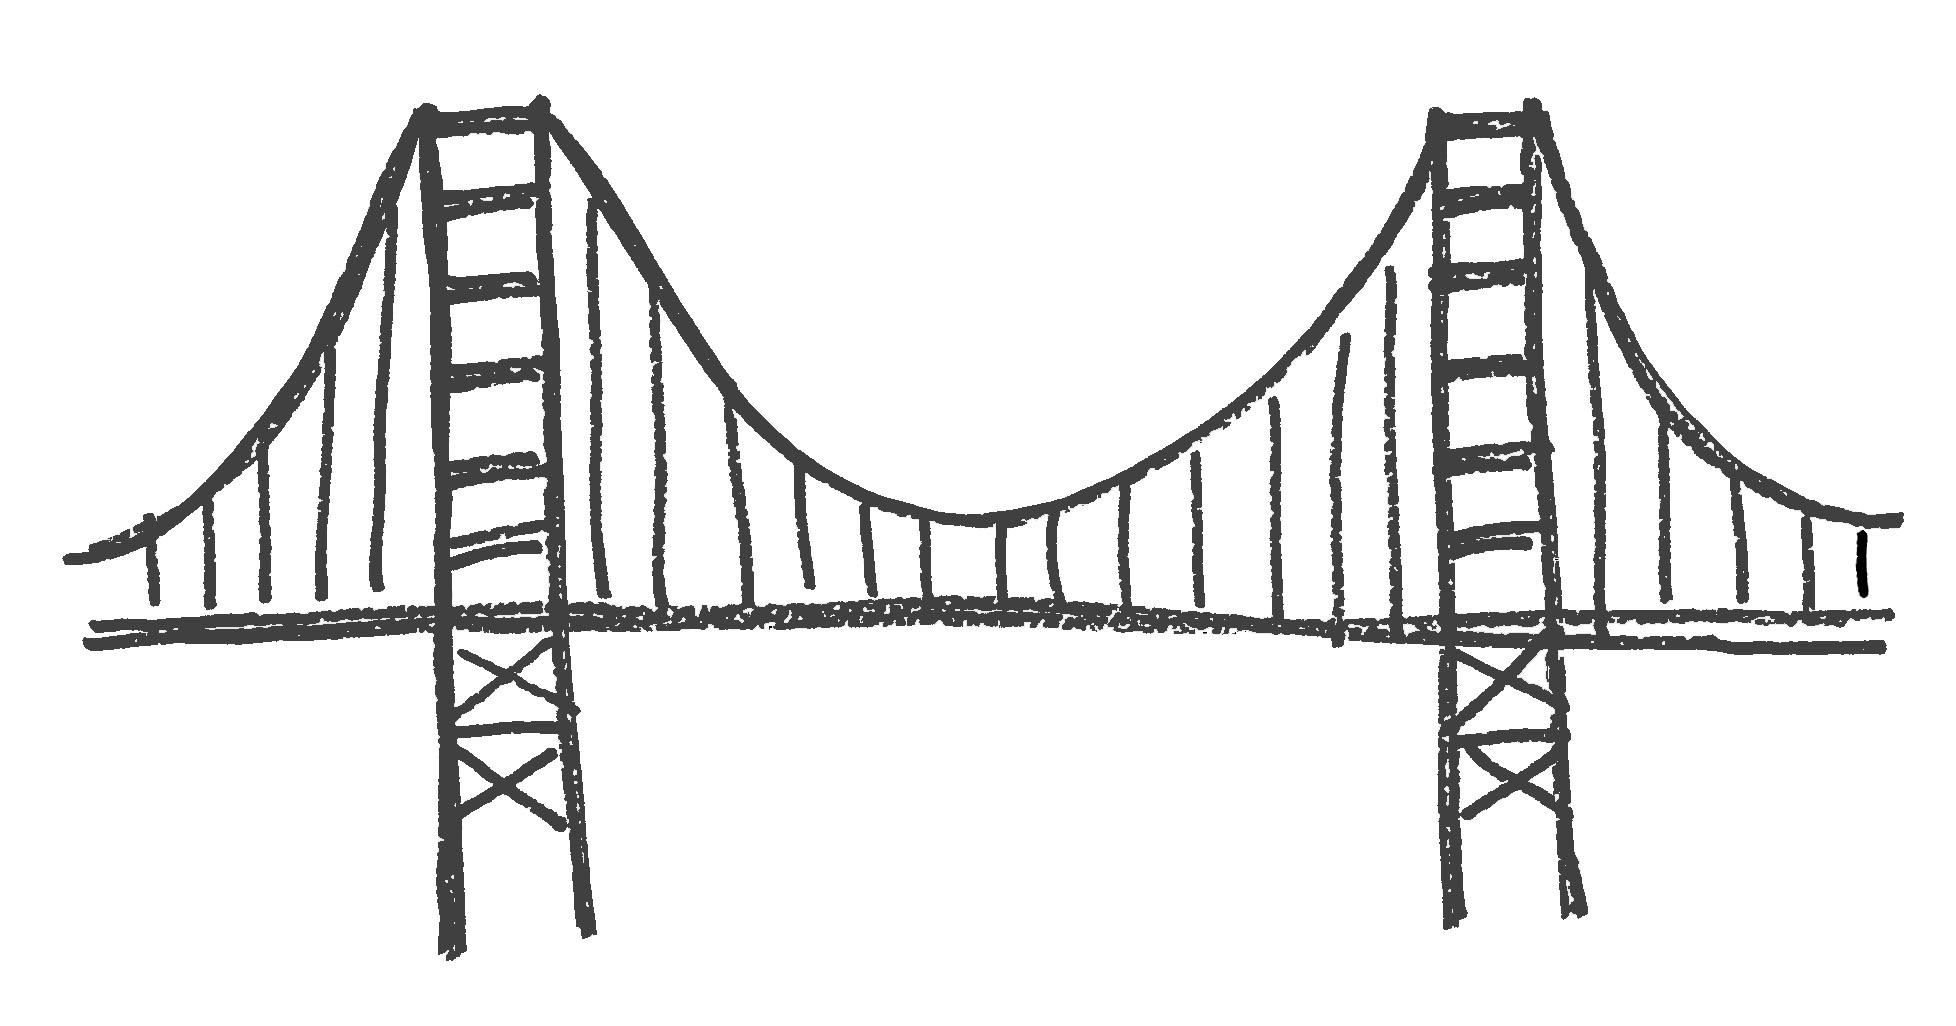 bridgesmall.jpg